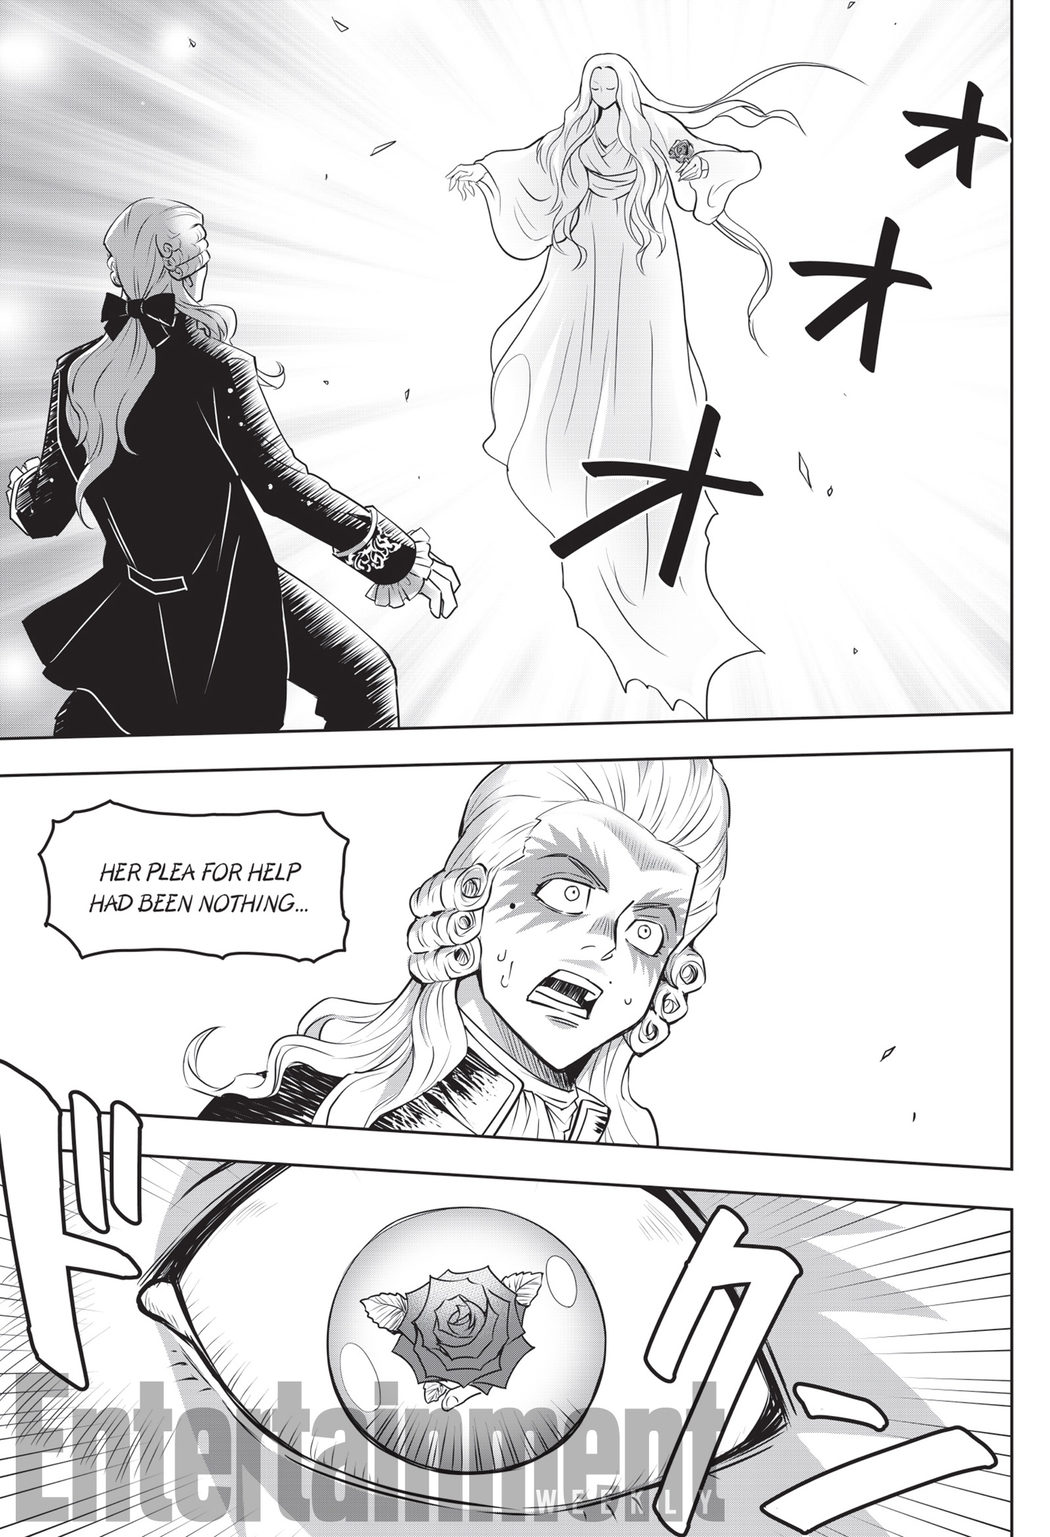 La historia desde el punto de vista de Bestia